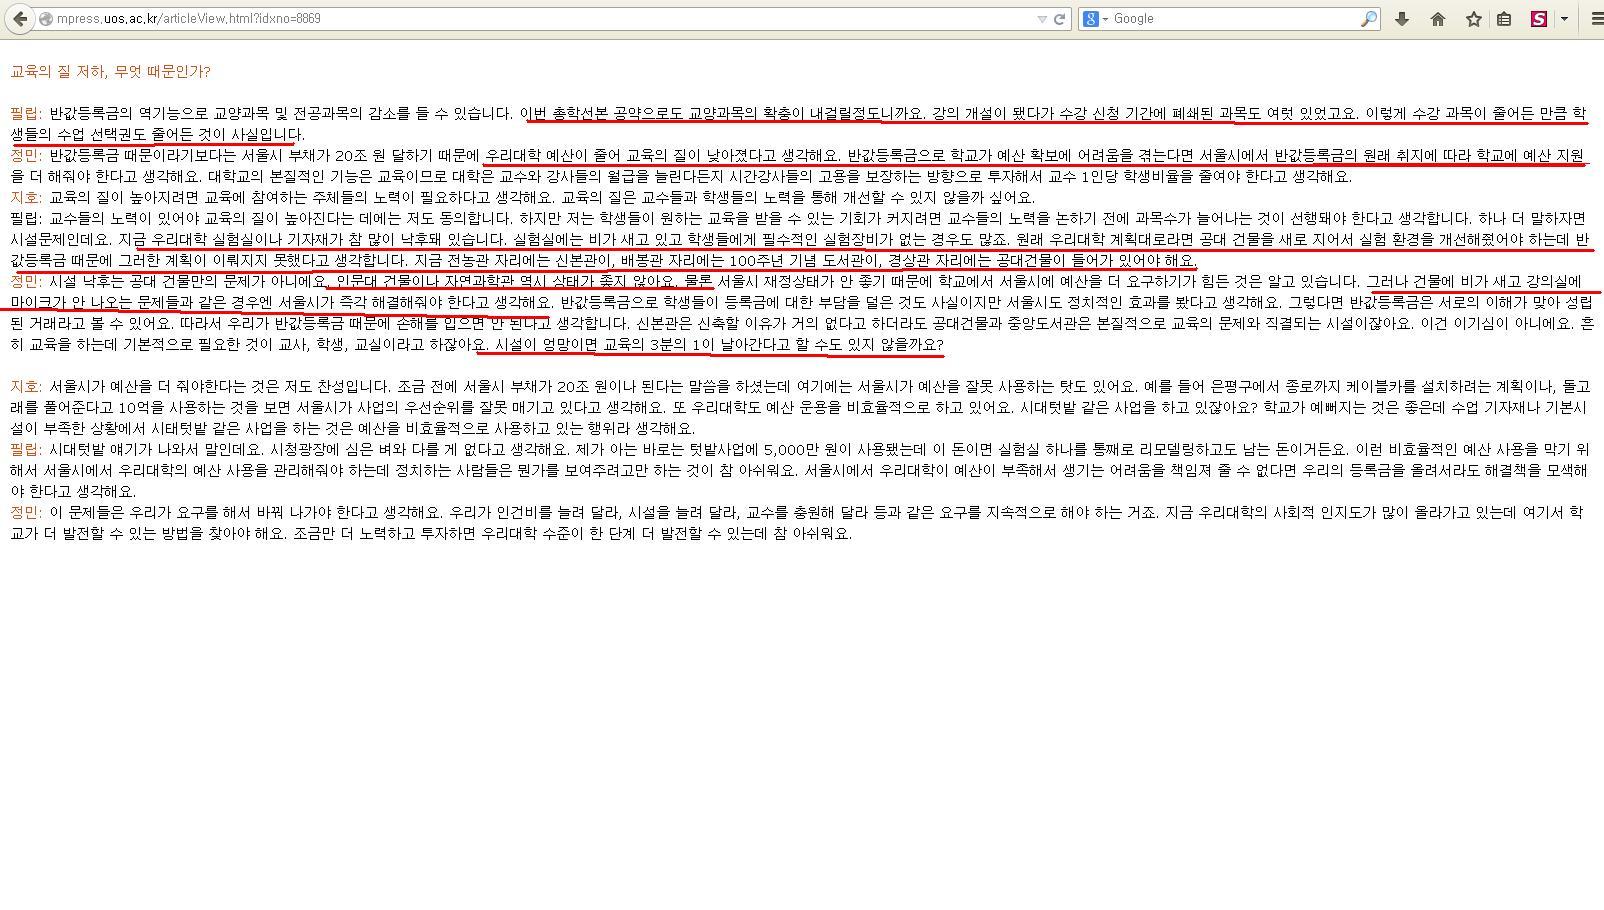 서울시 민주당,박원순의 보편적복지, 반값등록..